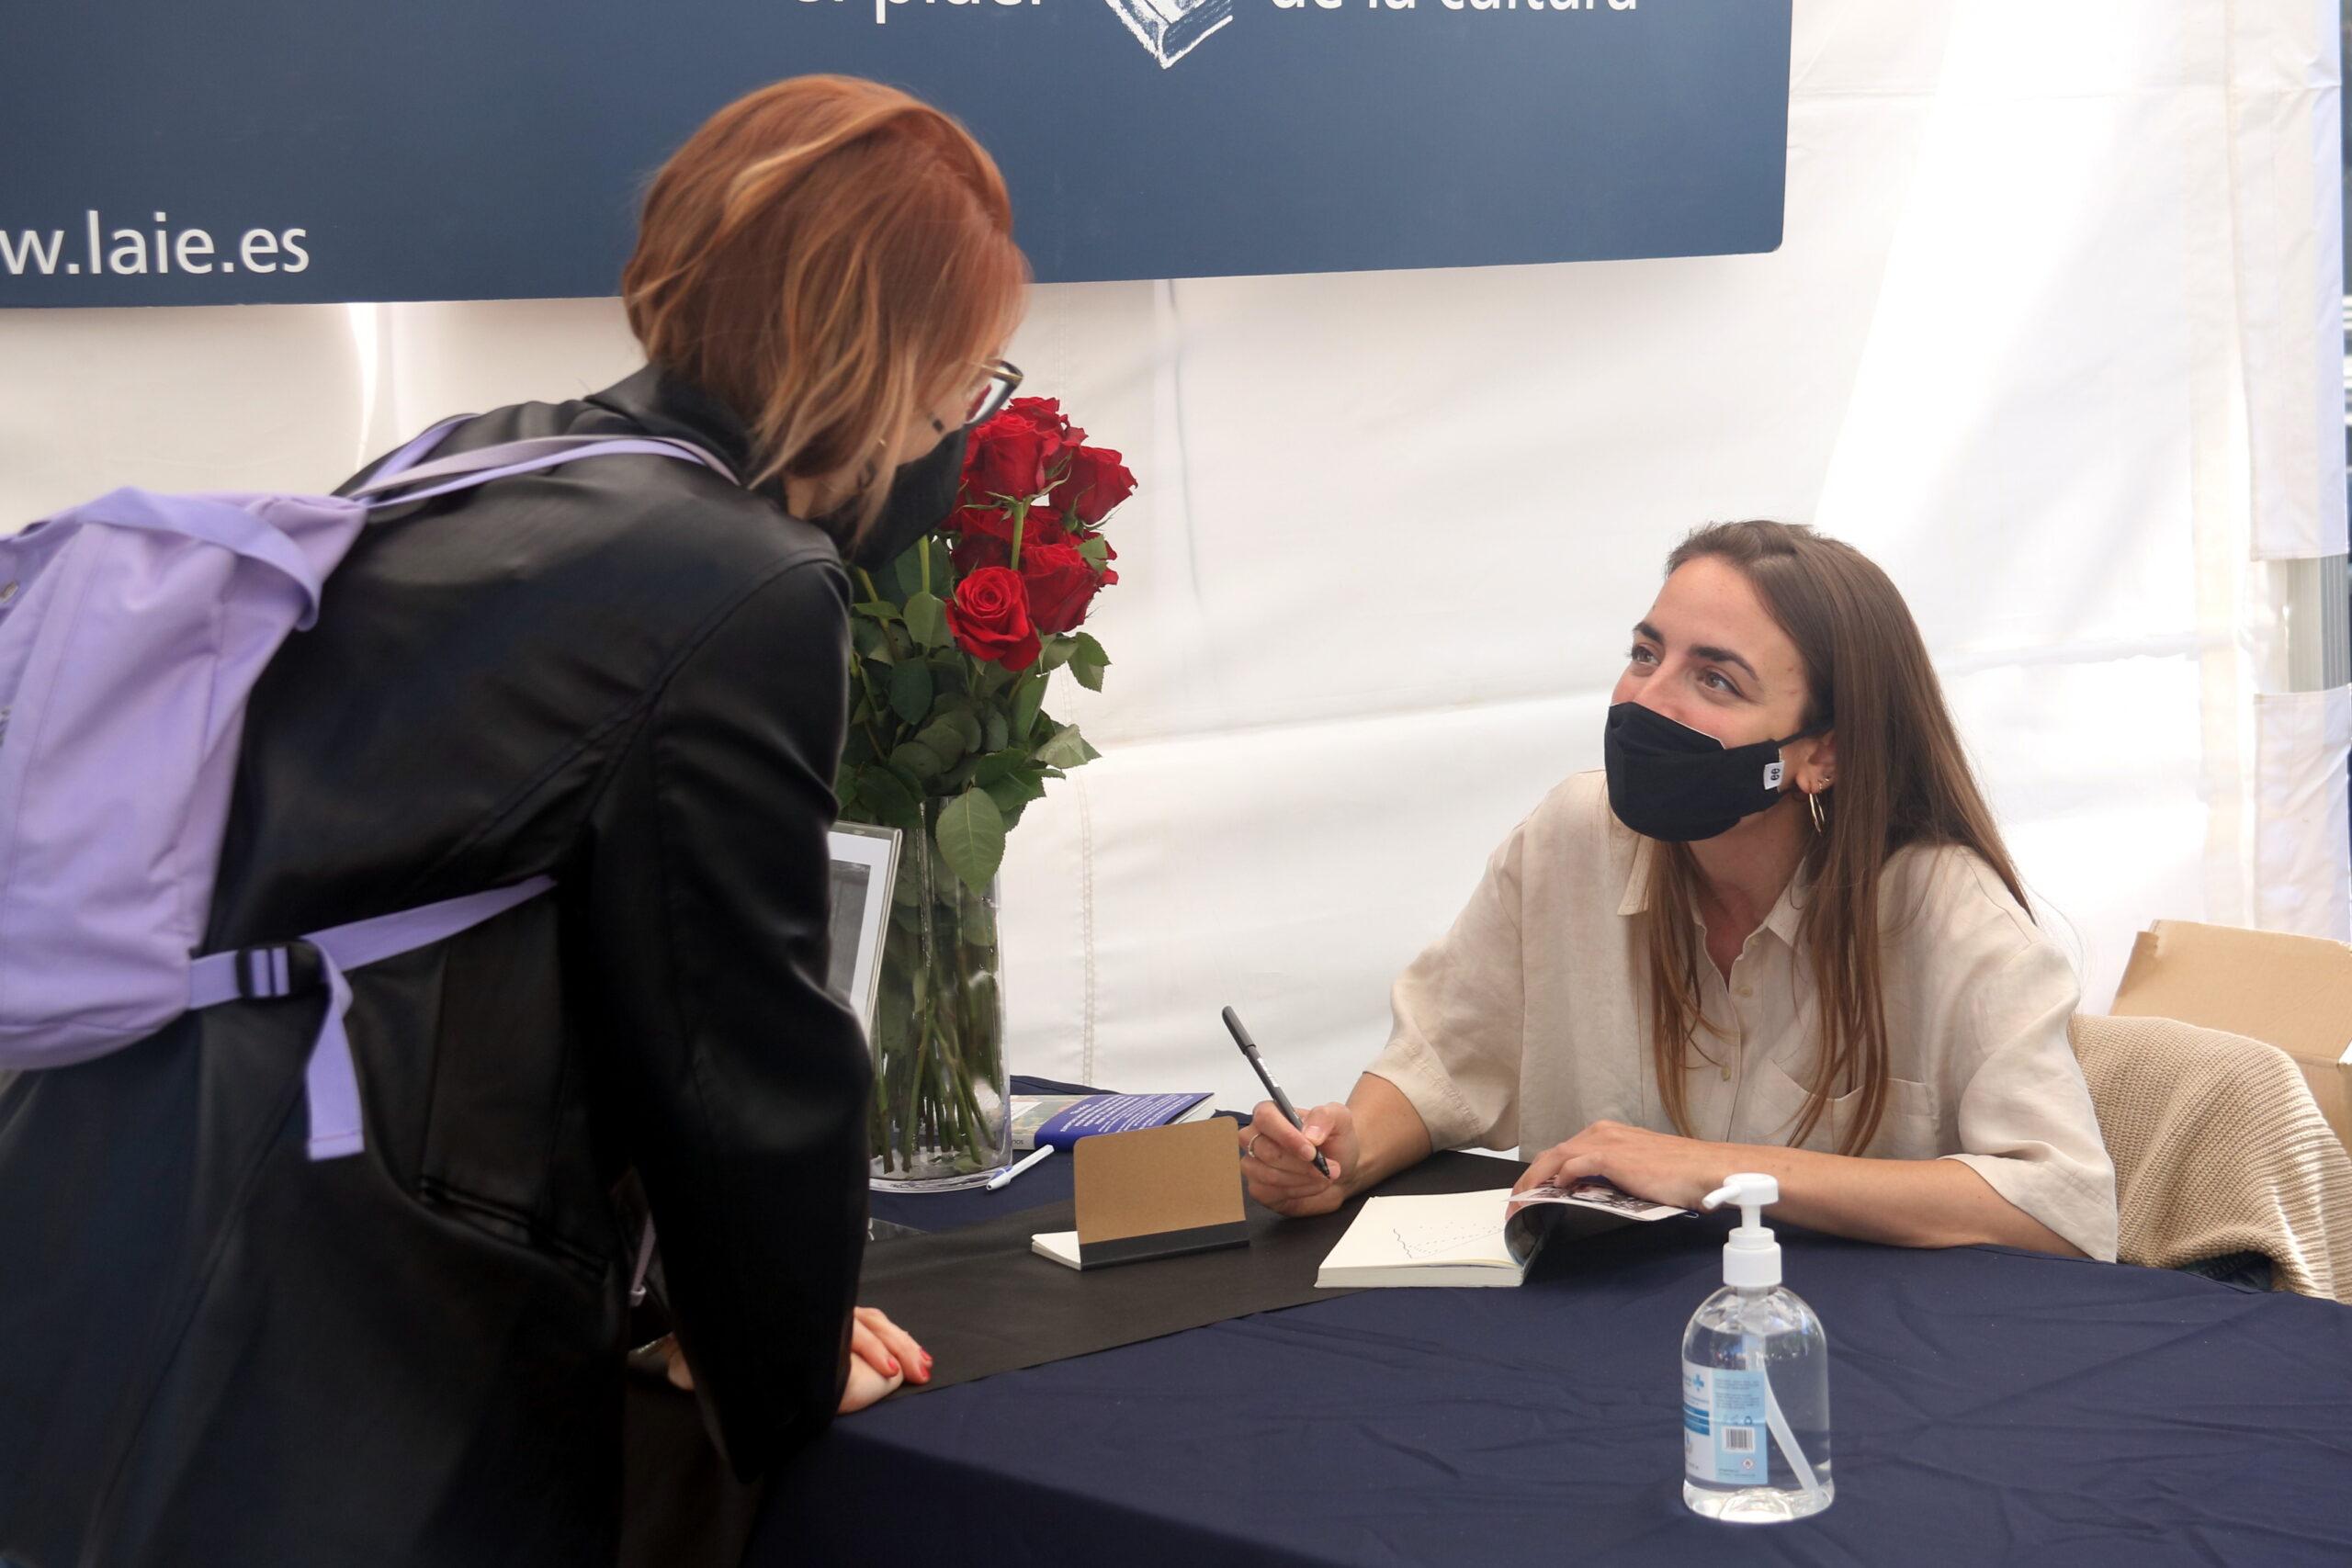 L'escriptora Irene Solà signa exemplars del seu llibre 'Canto jo i la muntanya balla' a la parada de la llibreria Laie a Passeig de Gràcia / ACN